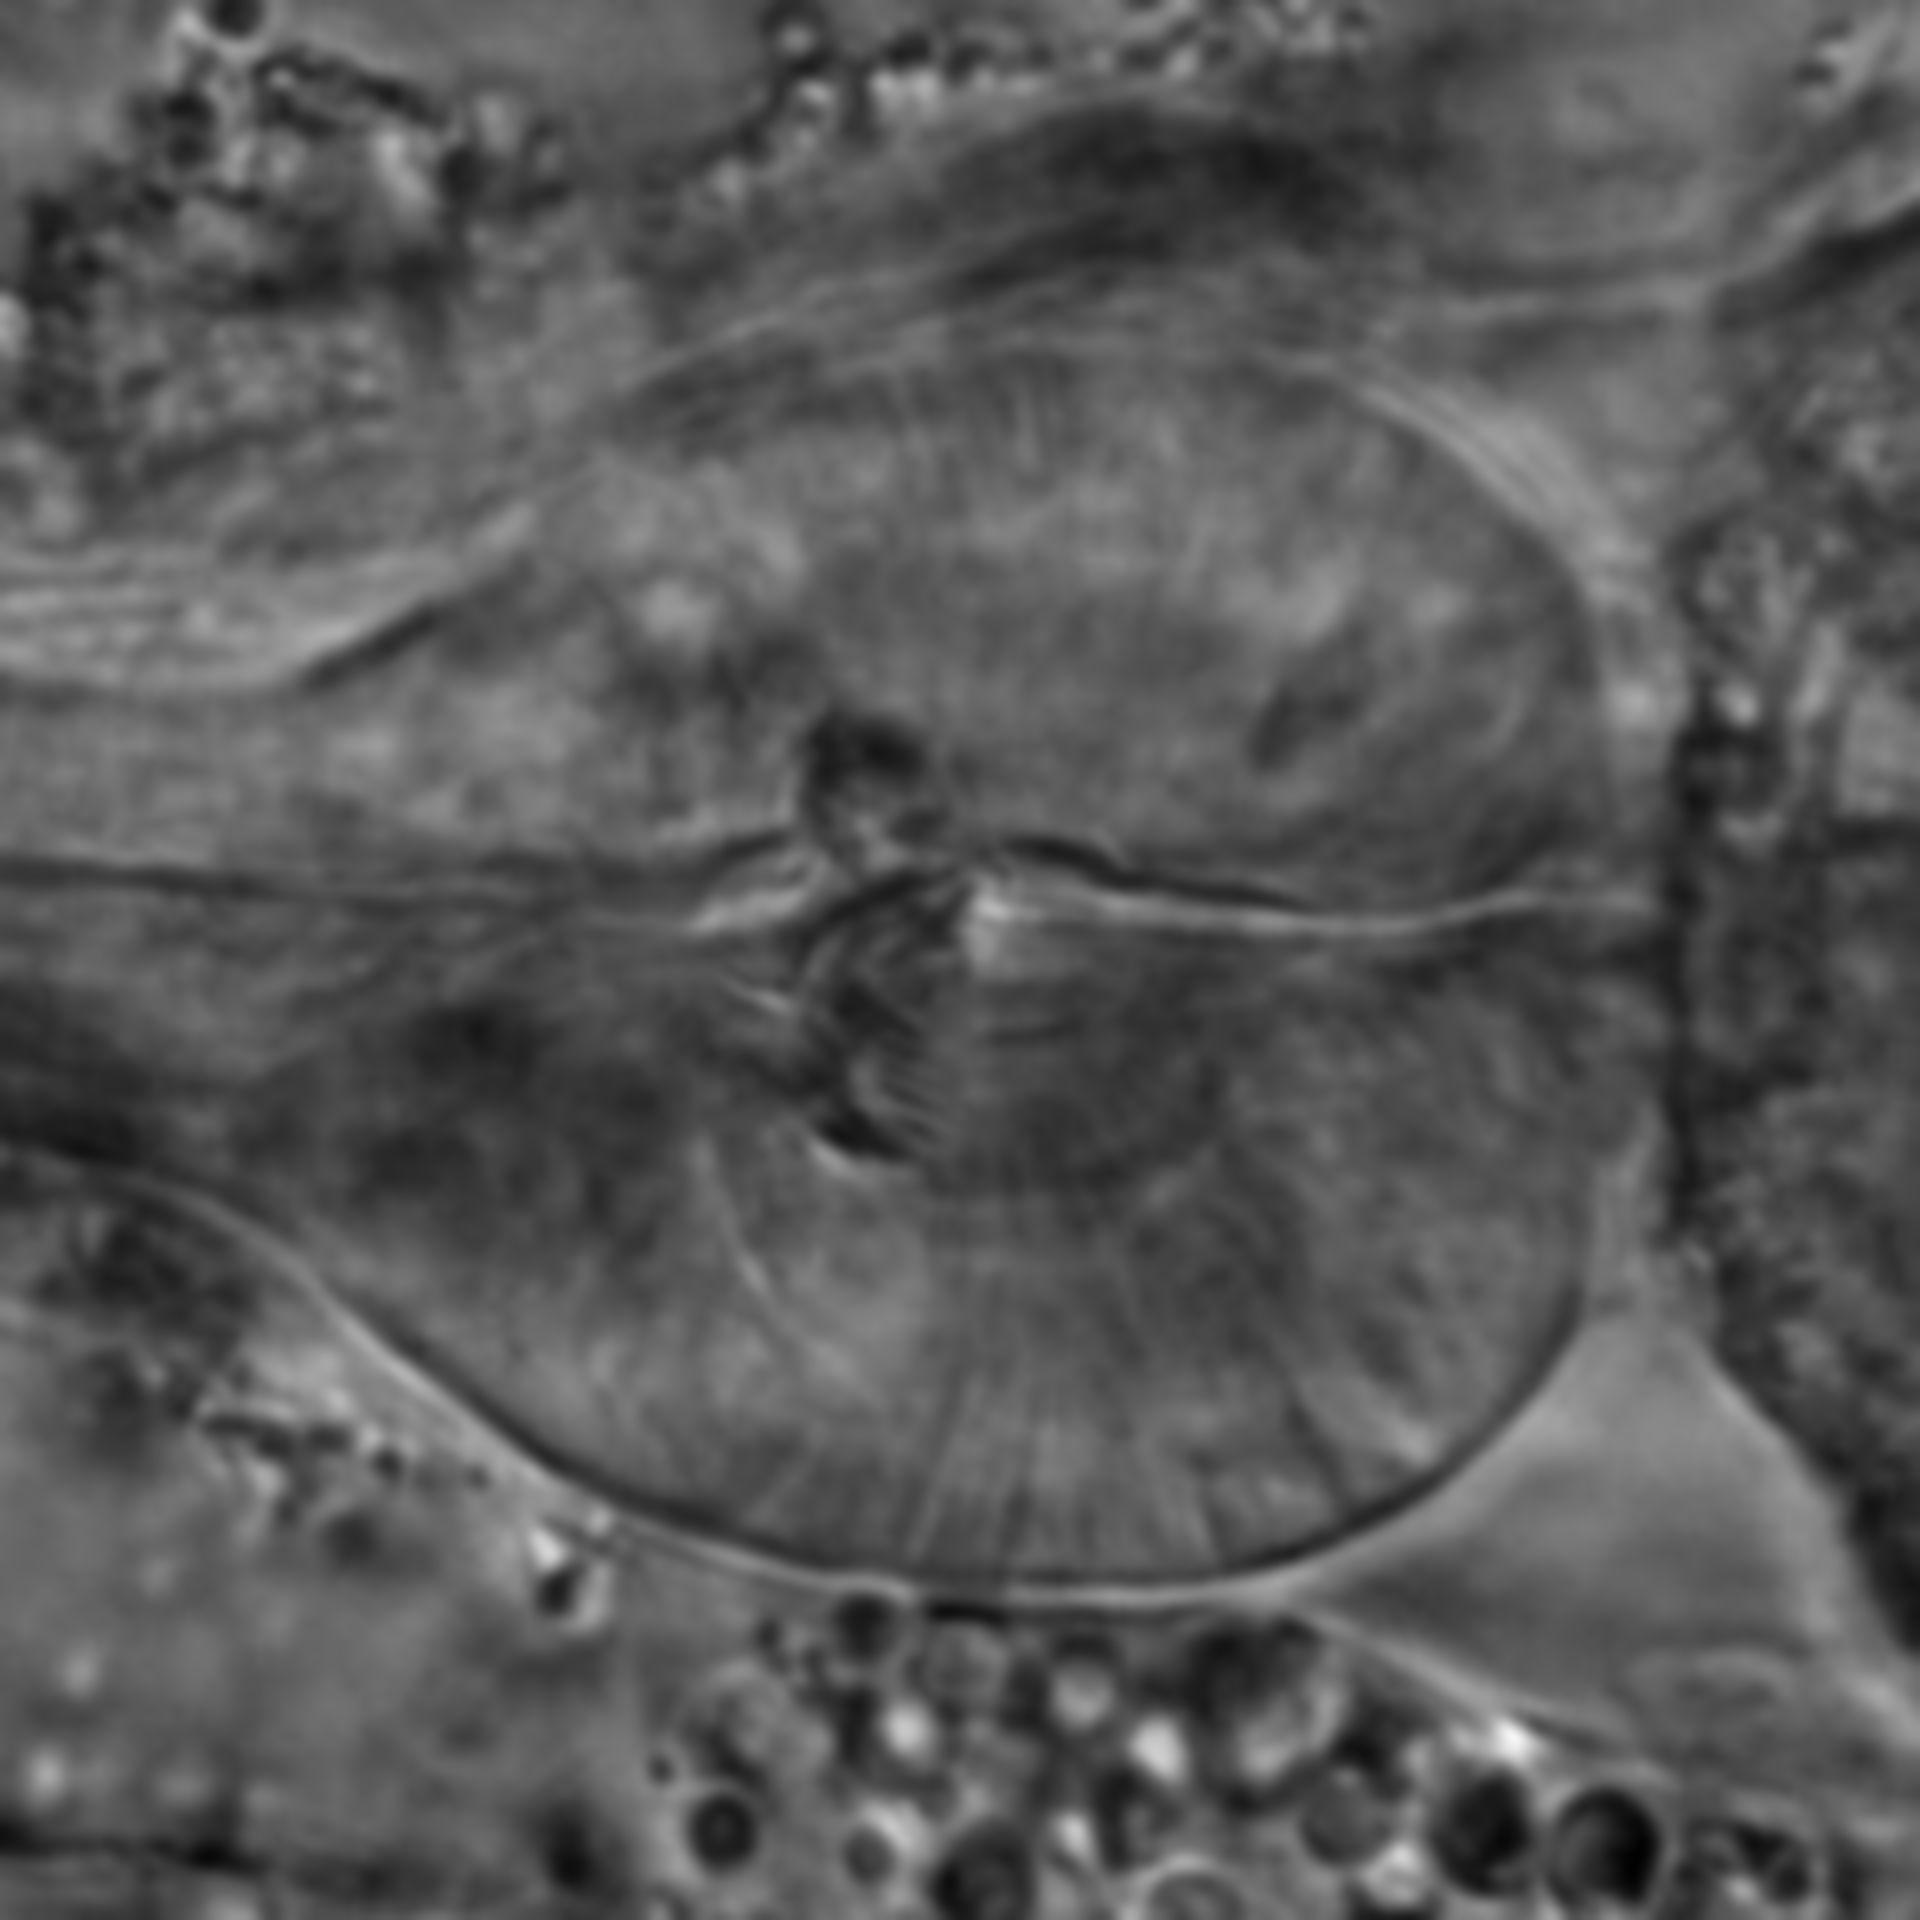 Caenorhabditis elegans - CIL:1700